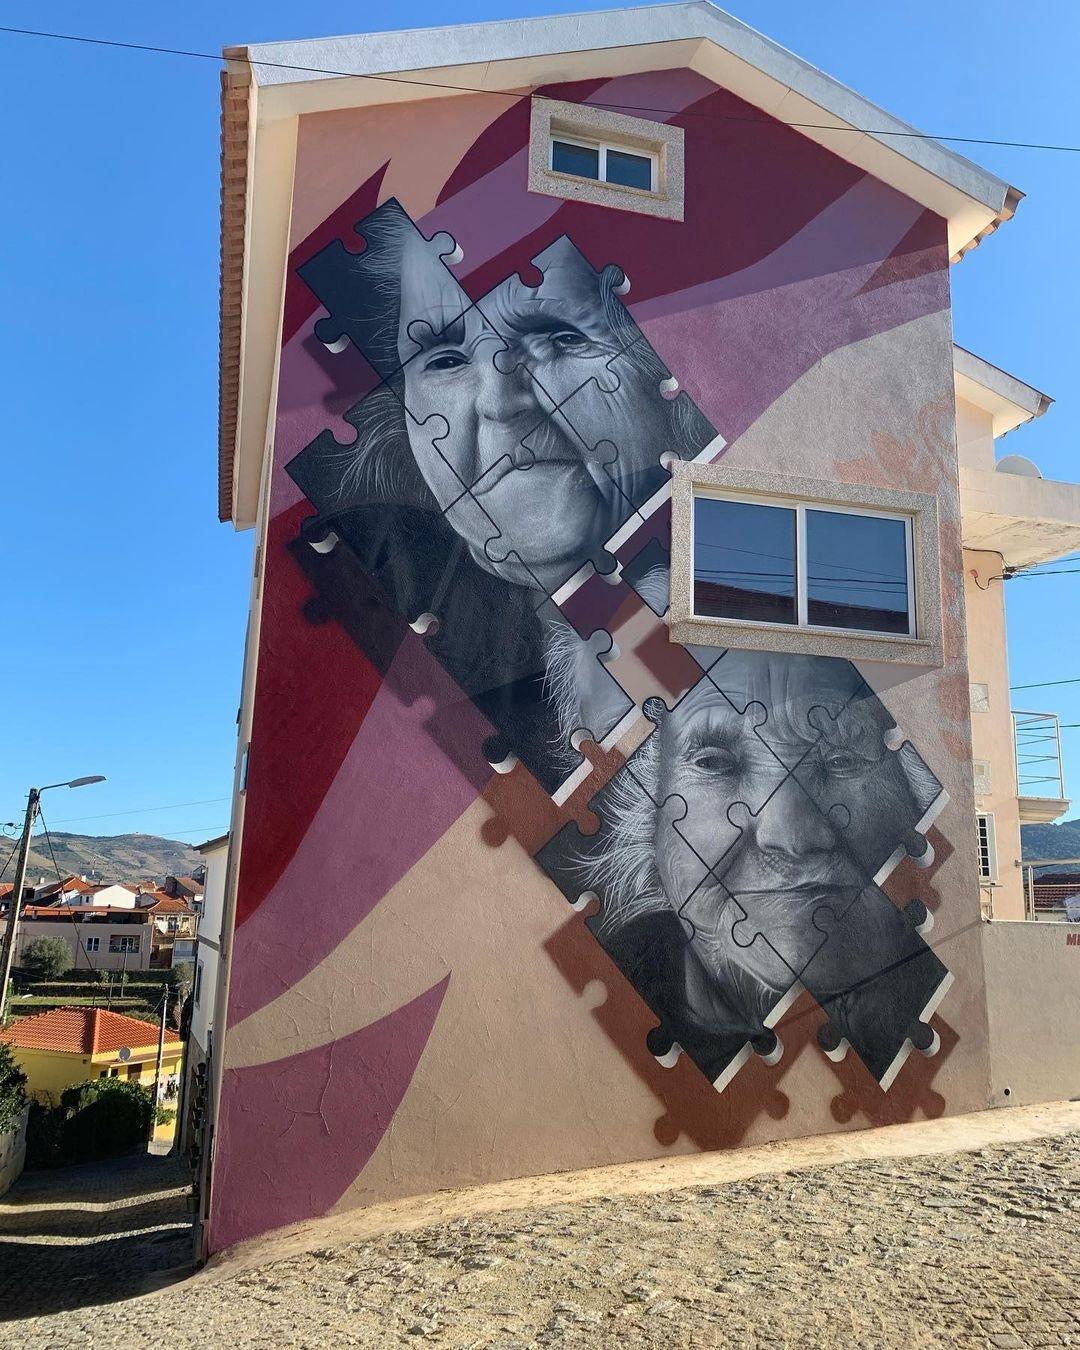 Kas Art @ Nagoselo Do Douro, Portugal